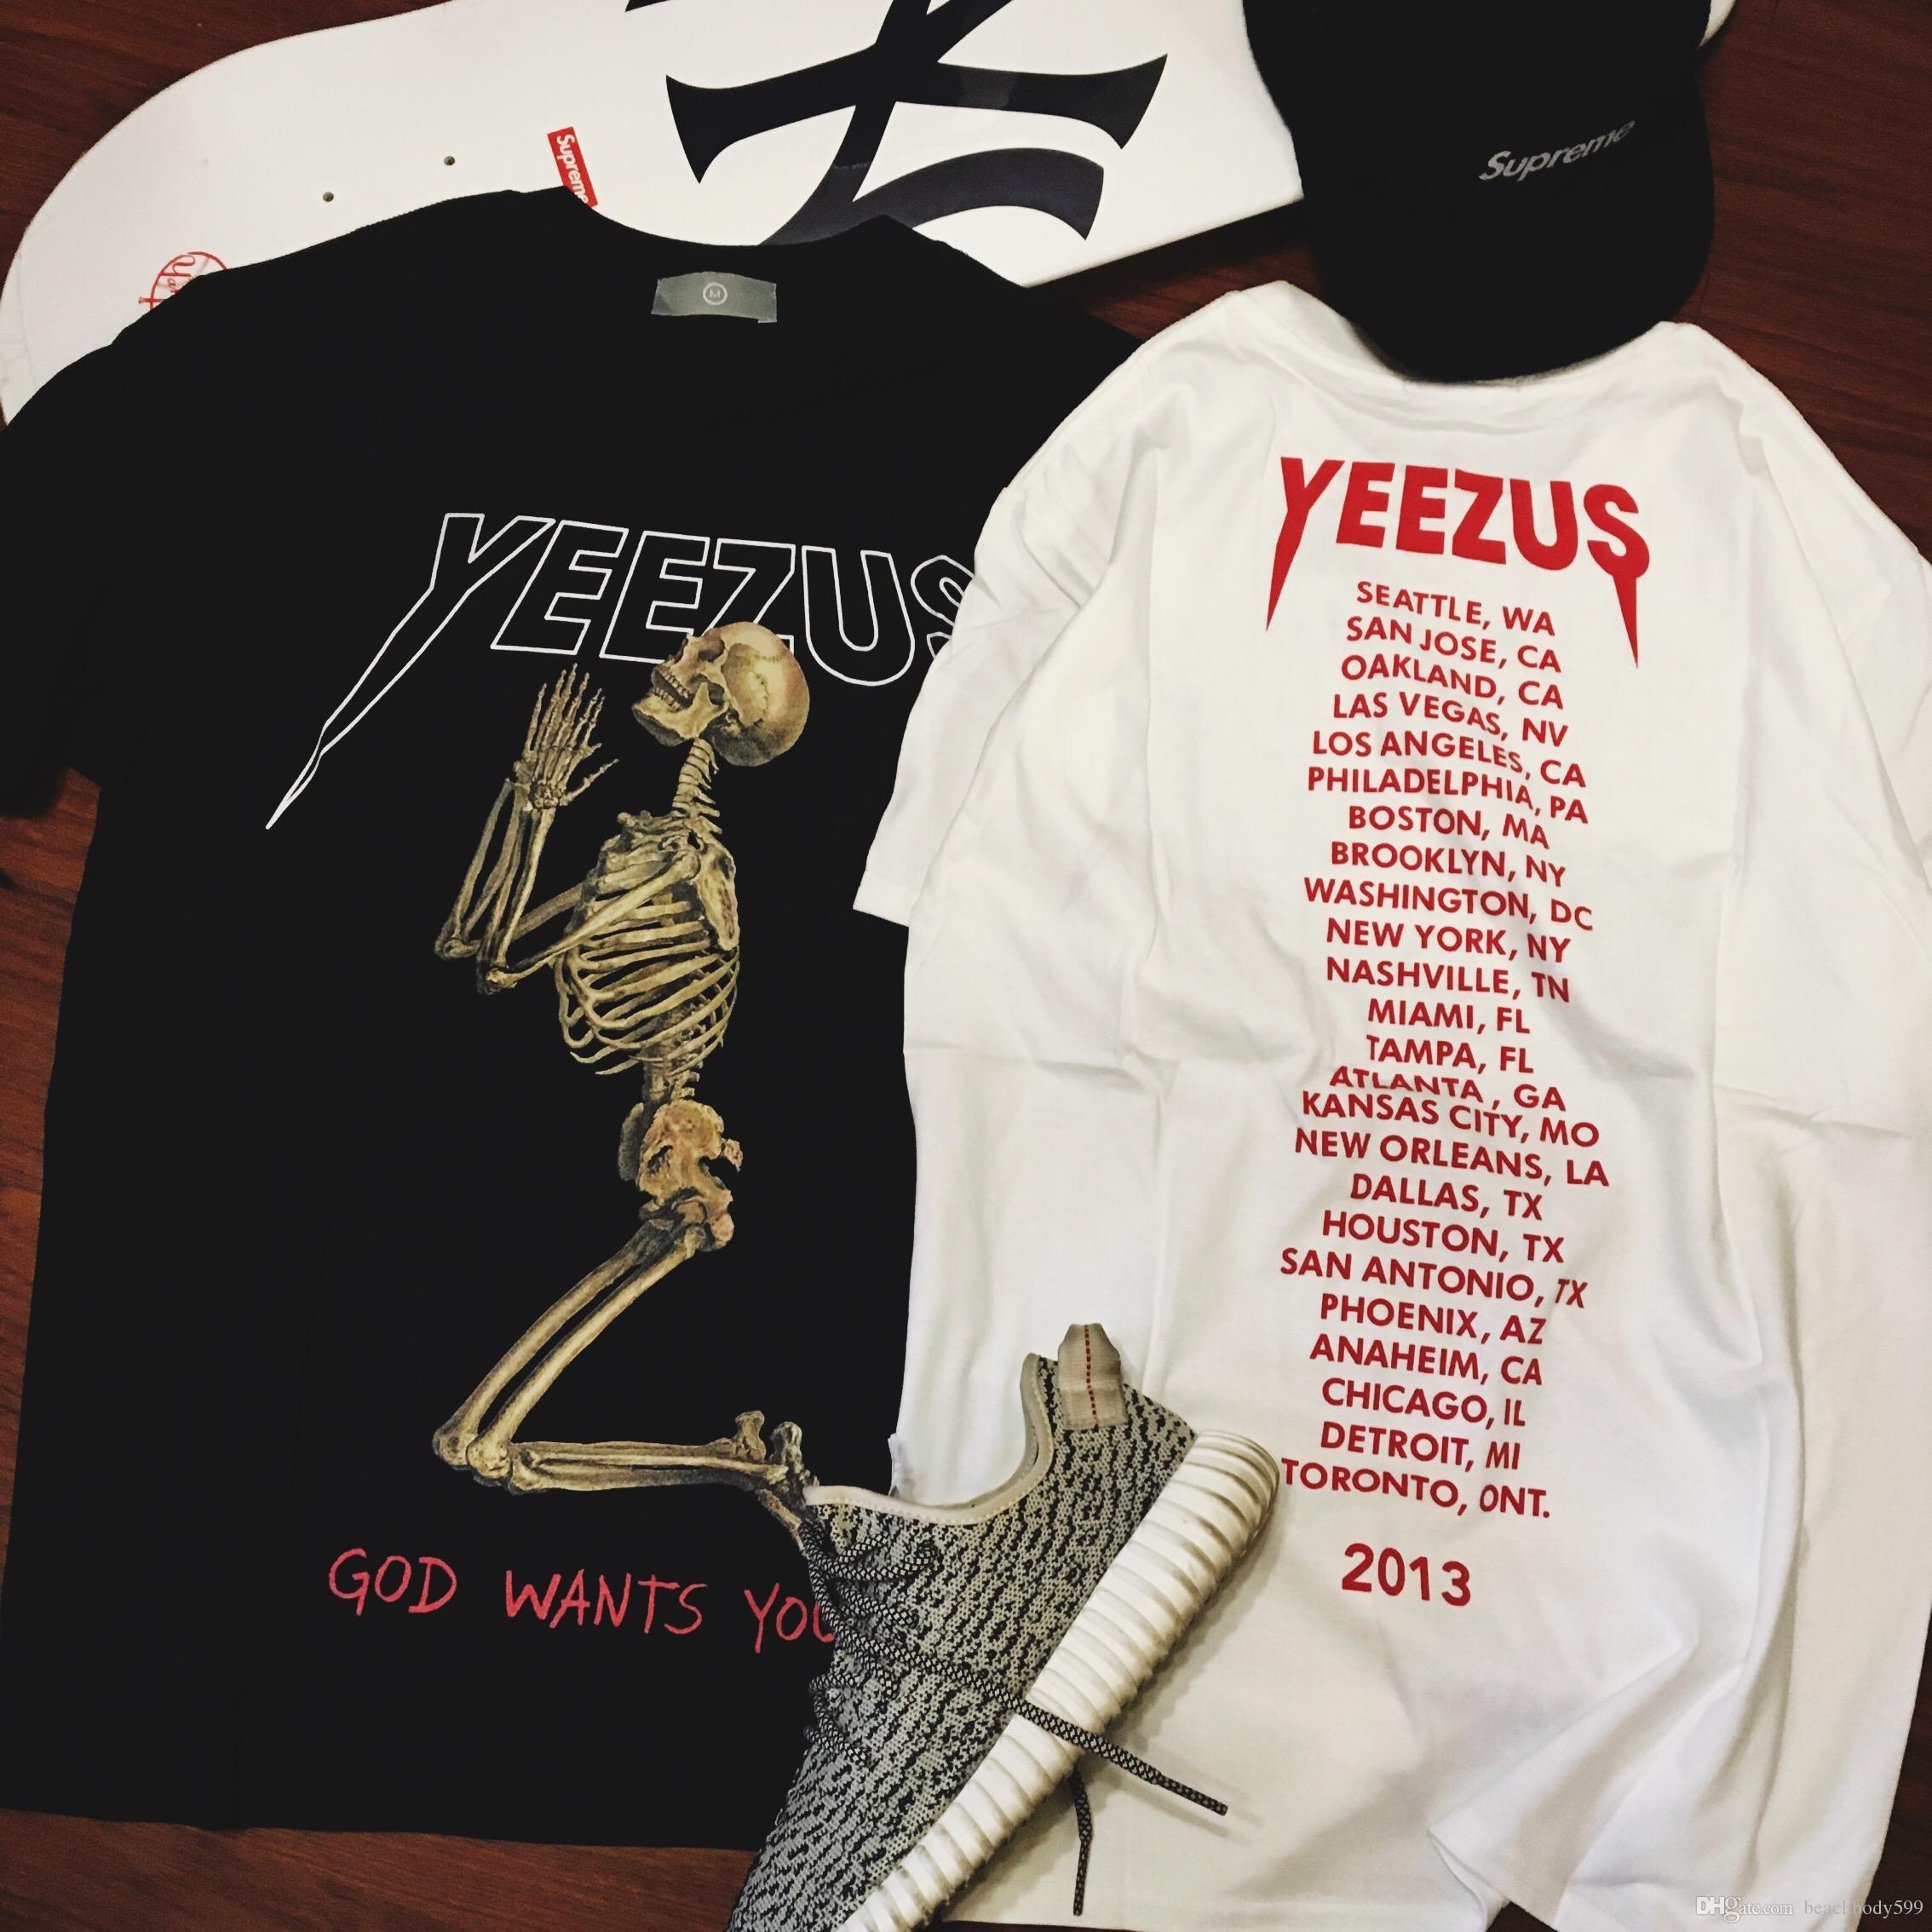 T shirt design york pa - 2016 Popular Yeezus Tour Short Sleeve T Shirt Skull Ghost Merch Indian Headdress T Shirt